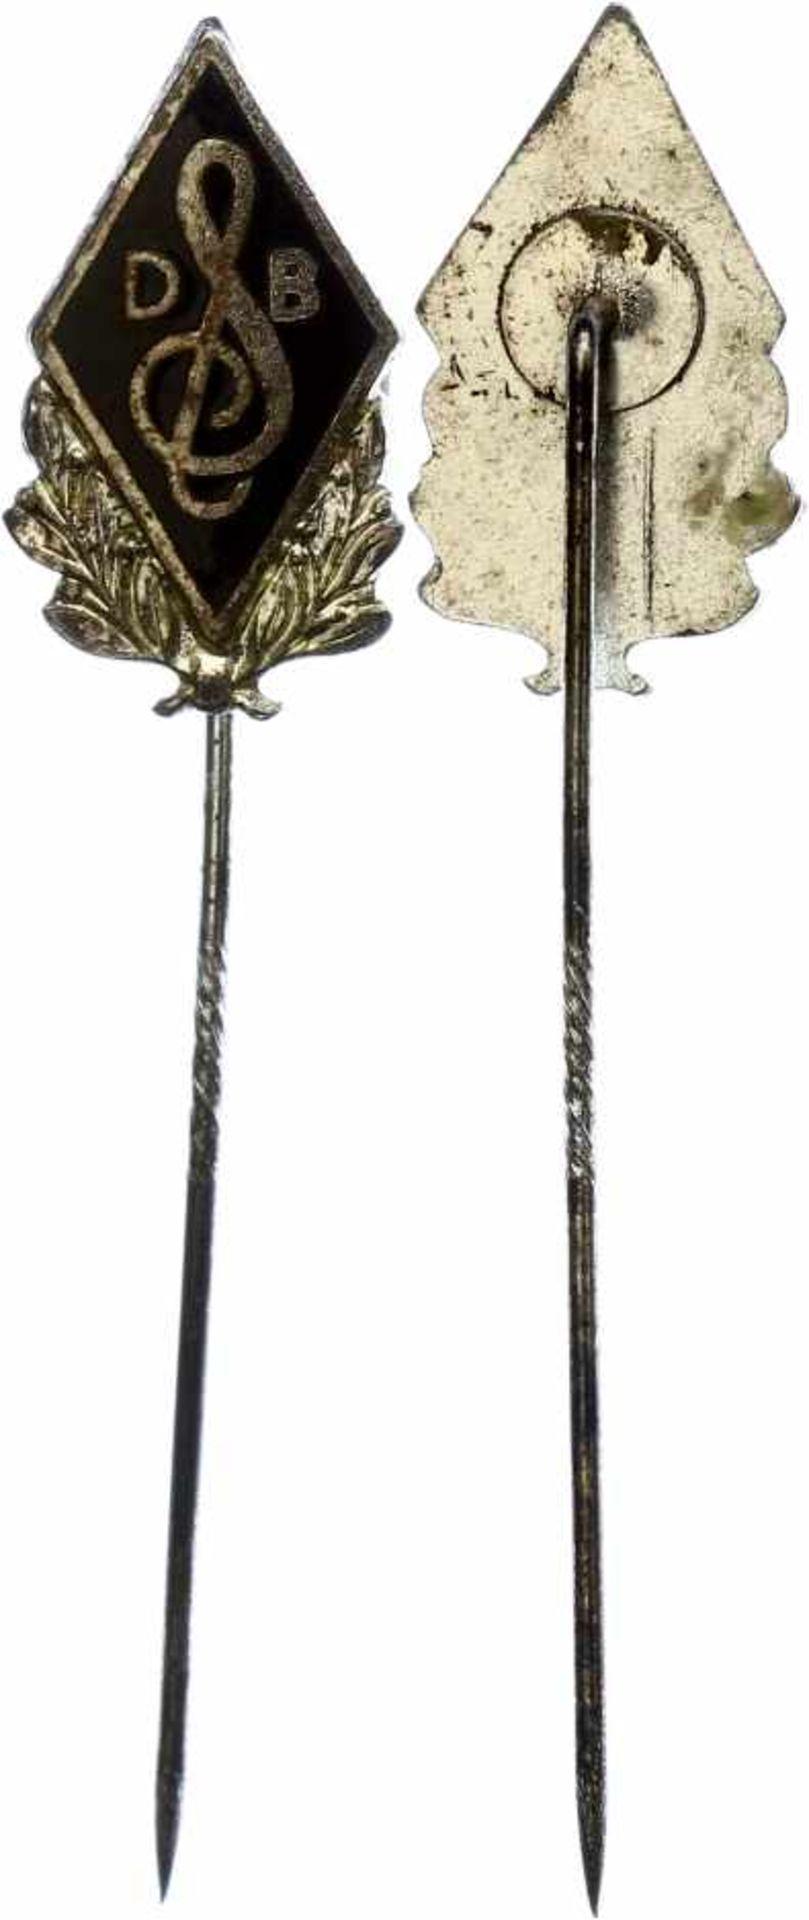 Kleinabzeichen, Mitgliedsnadeln 1871-1945 Deutscher Sängerbund (DSV), Silberne Ehrennadel, 1. Form.,